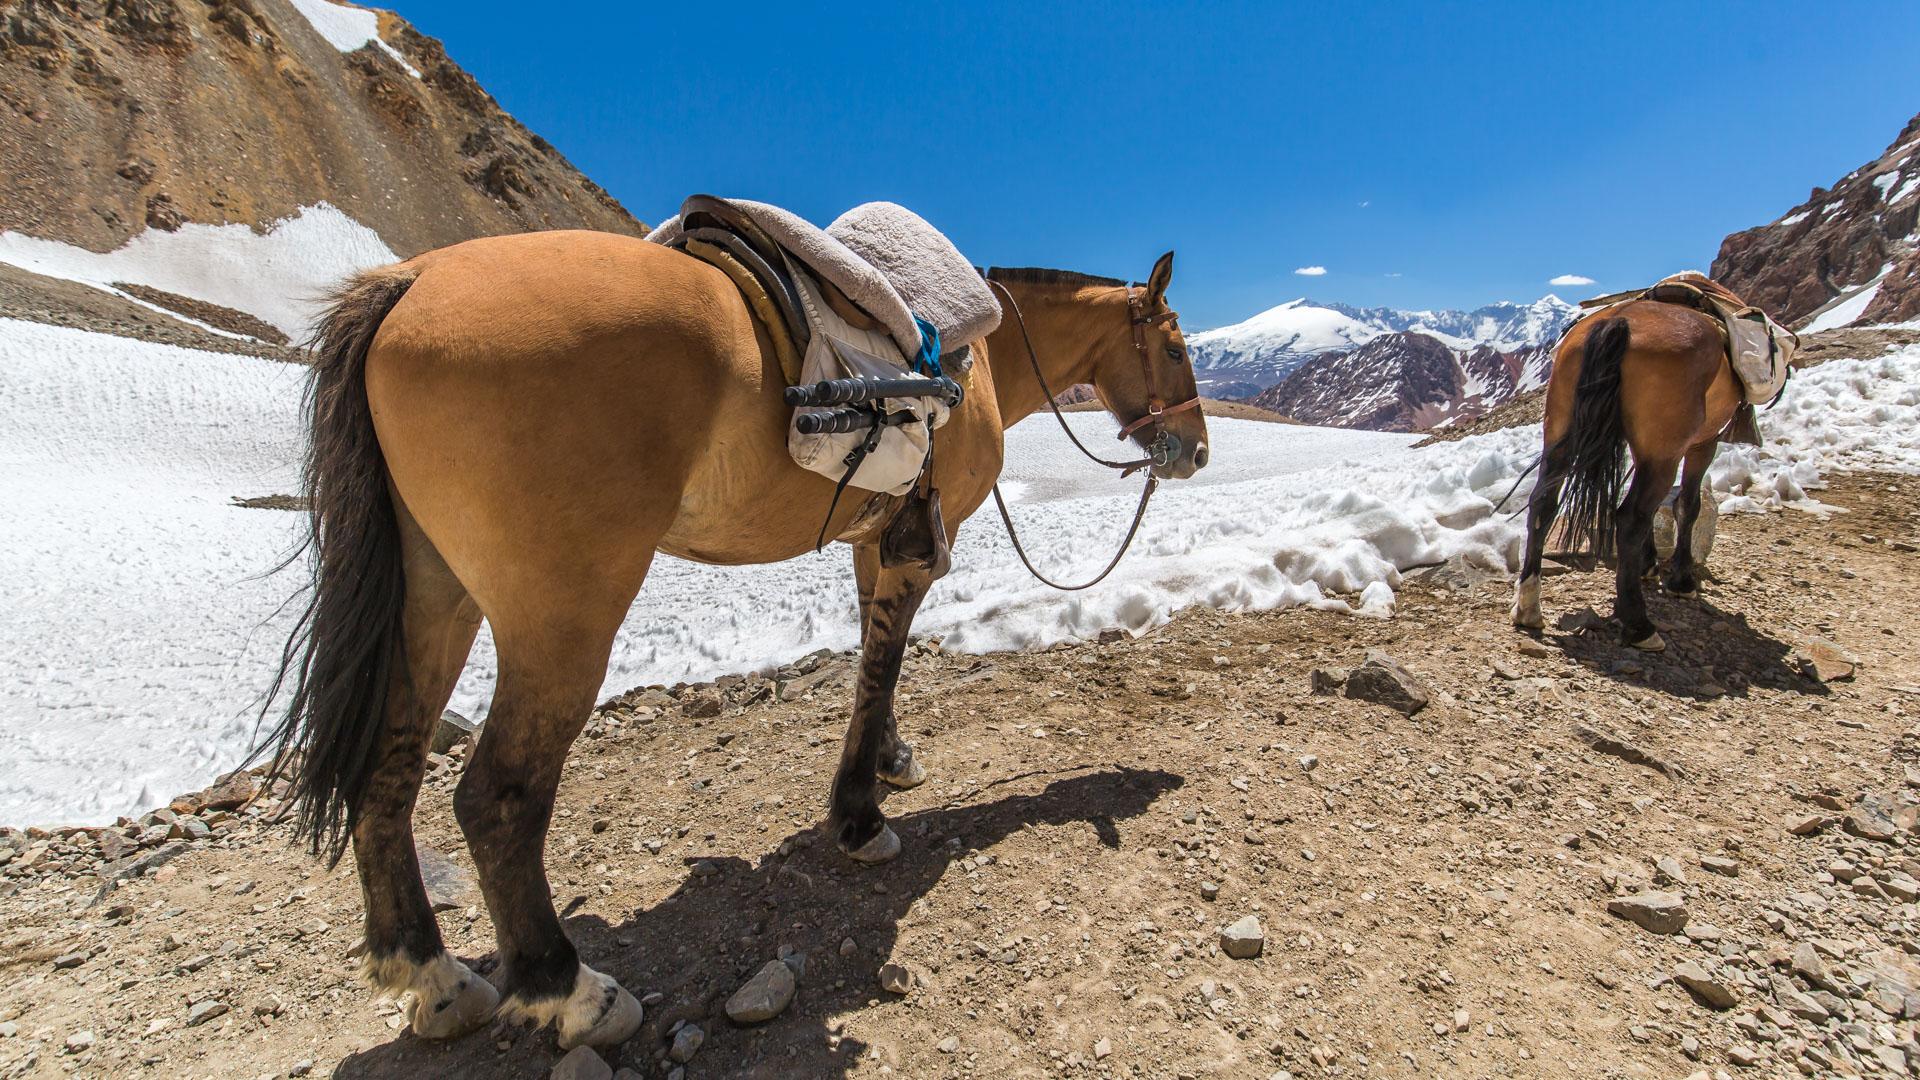 Mój dzielny koń po przejściu najtrudniejszego odcinka zejścia z Portillo Argentino